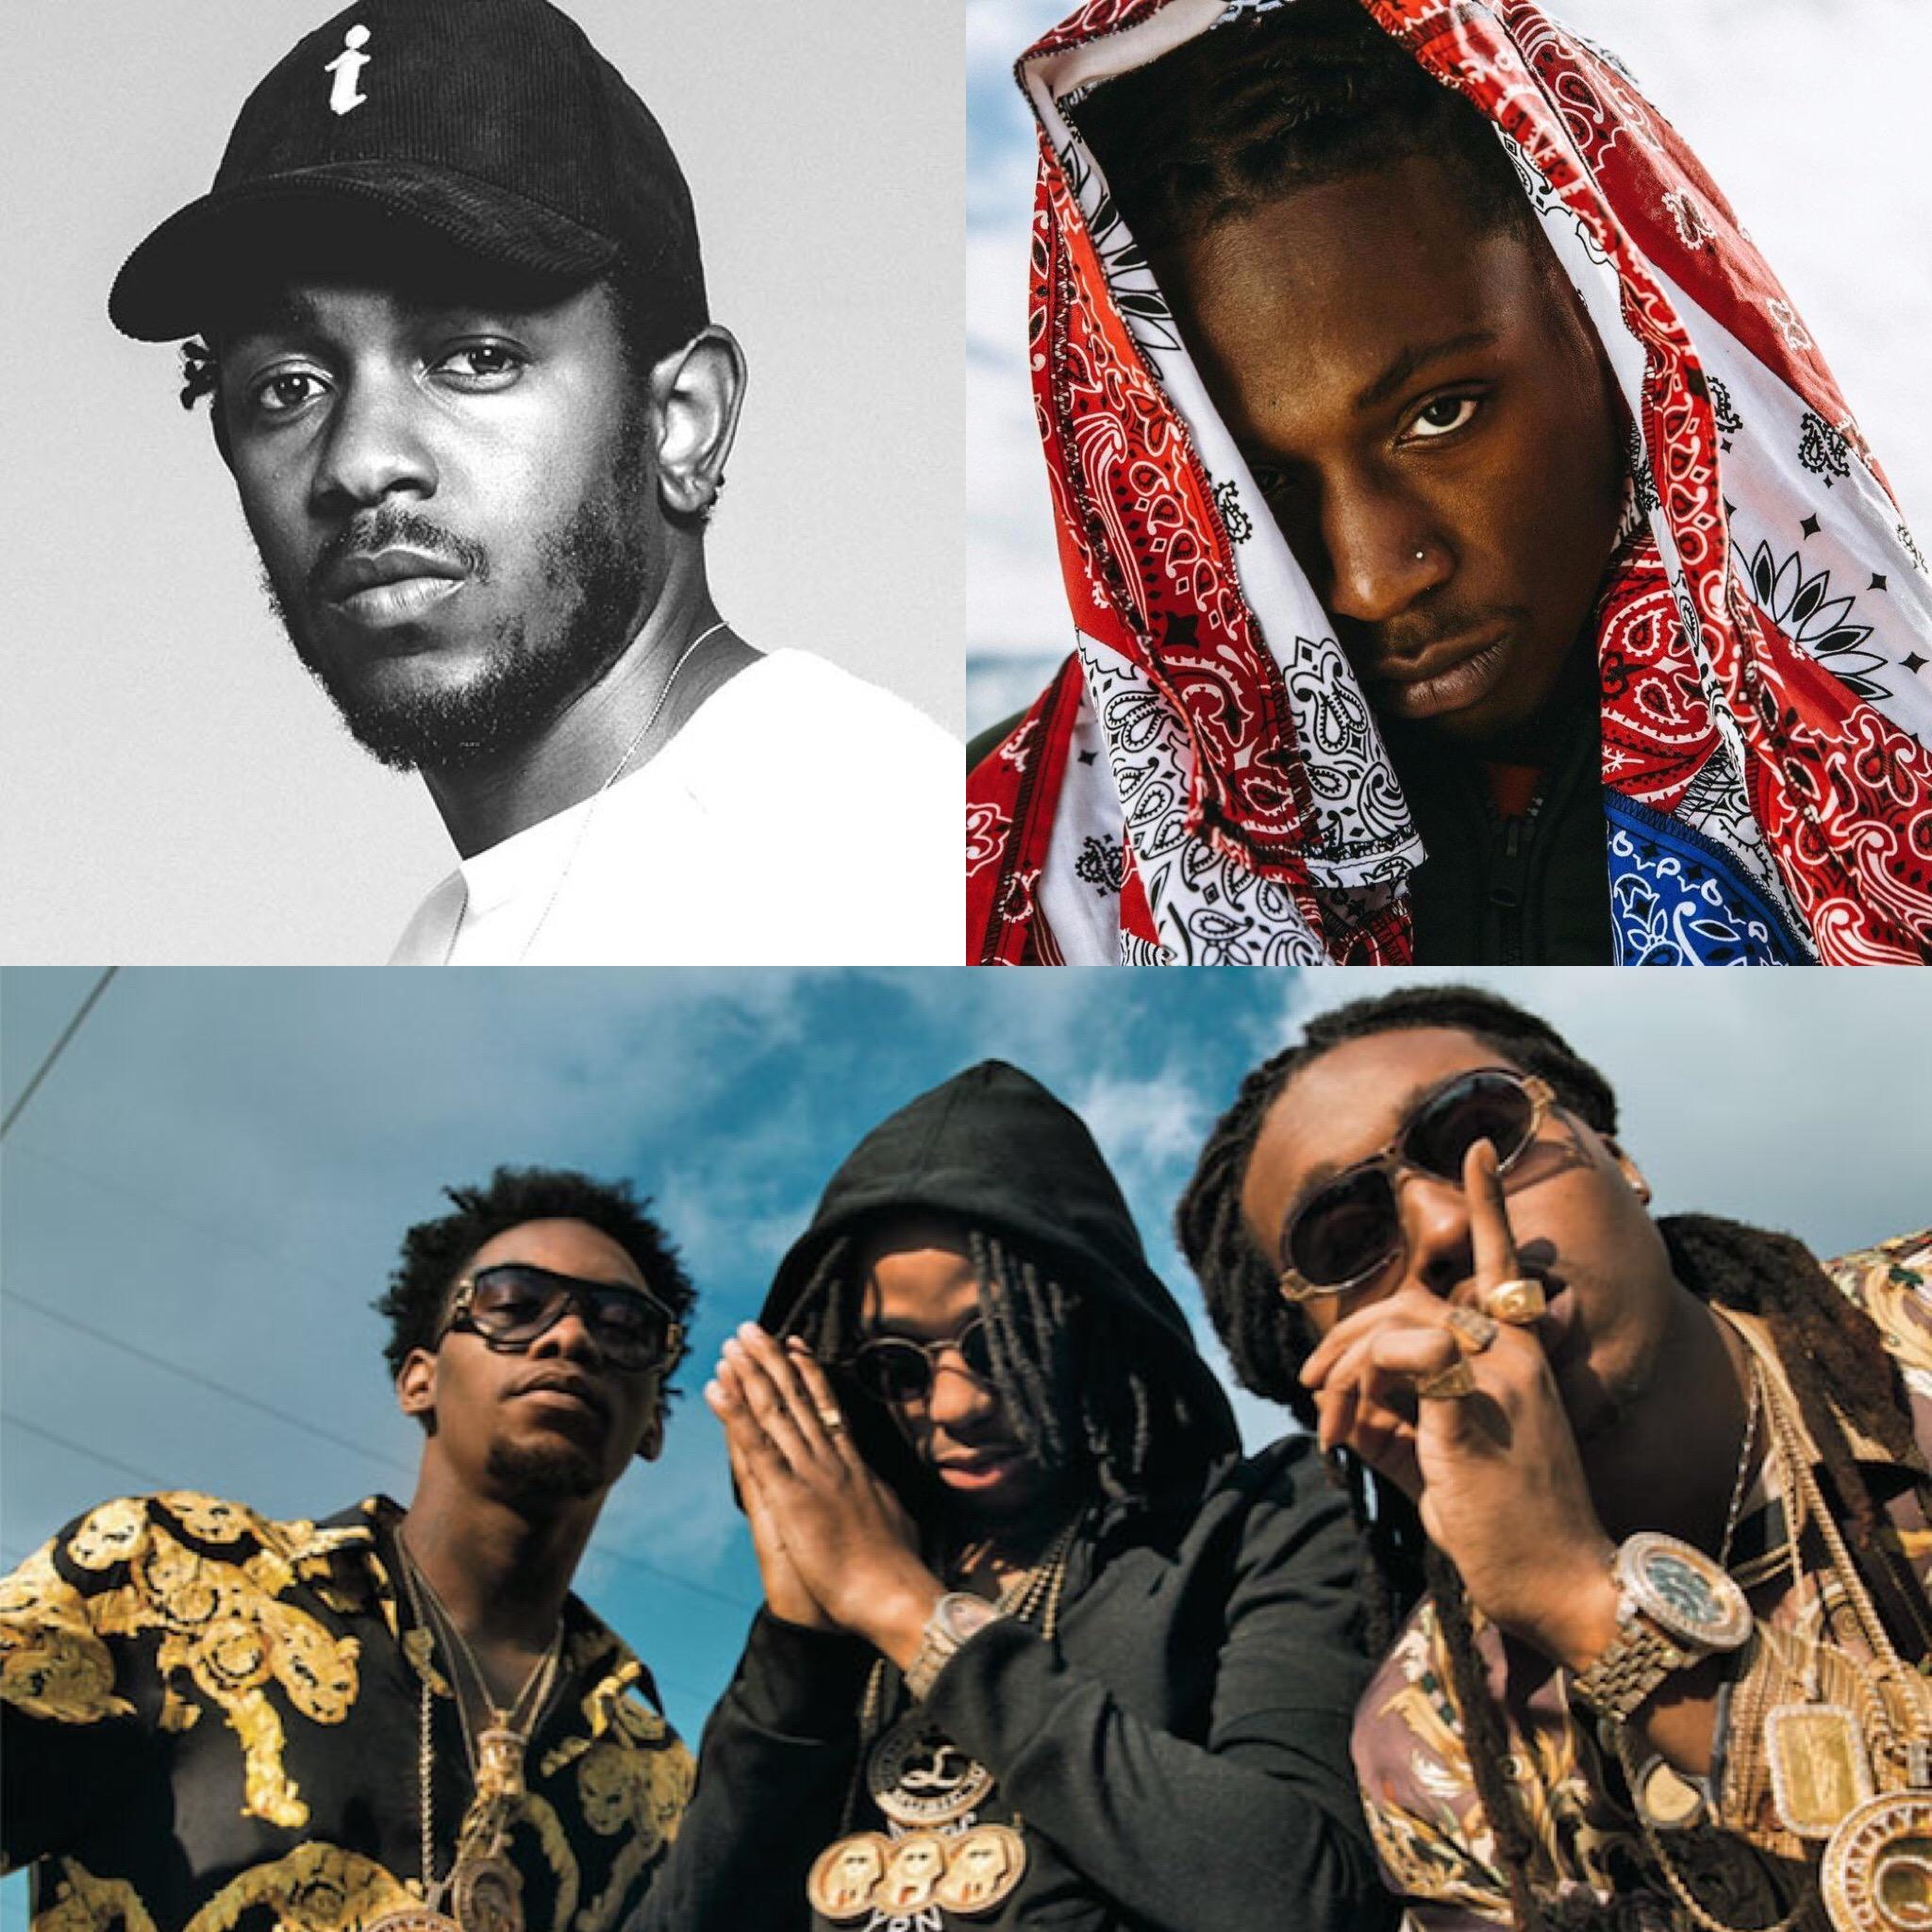 Top 5 Hip-Hop Albums Of 2017 (So Far)